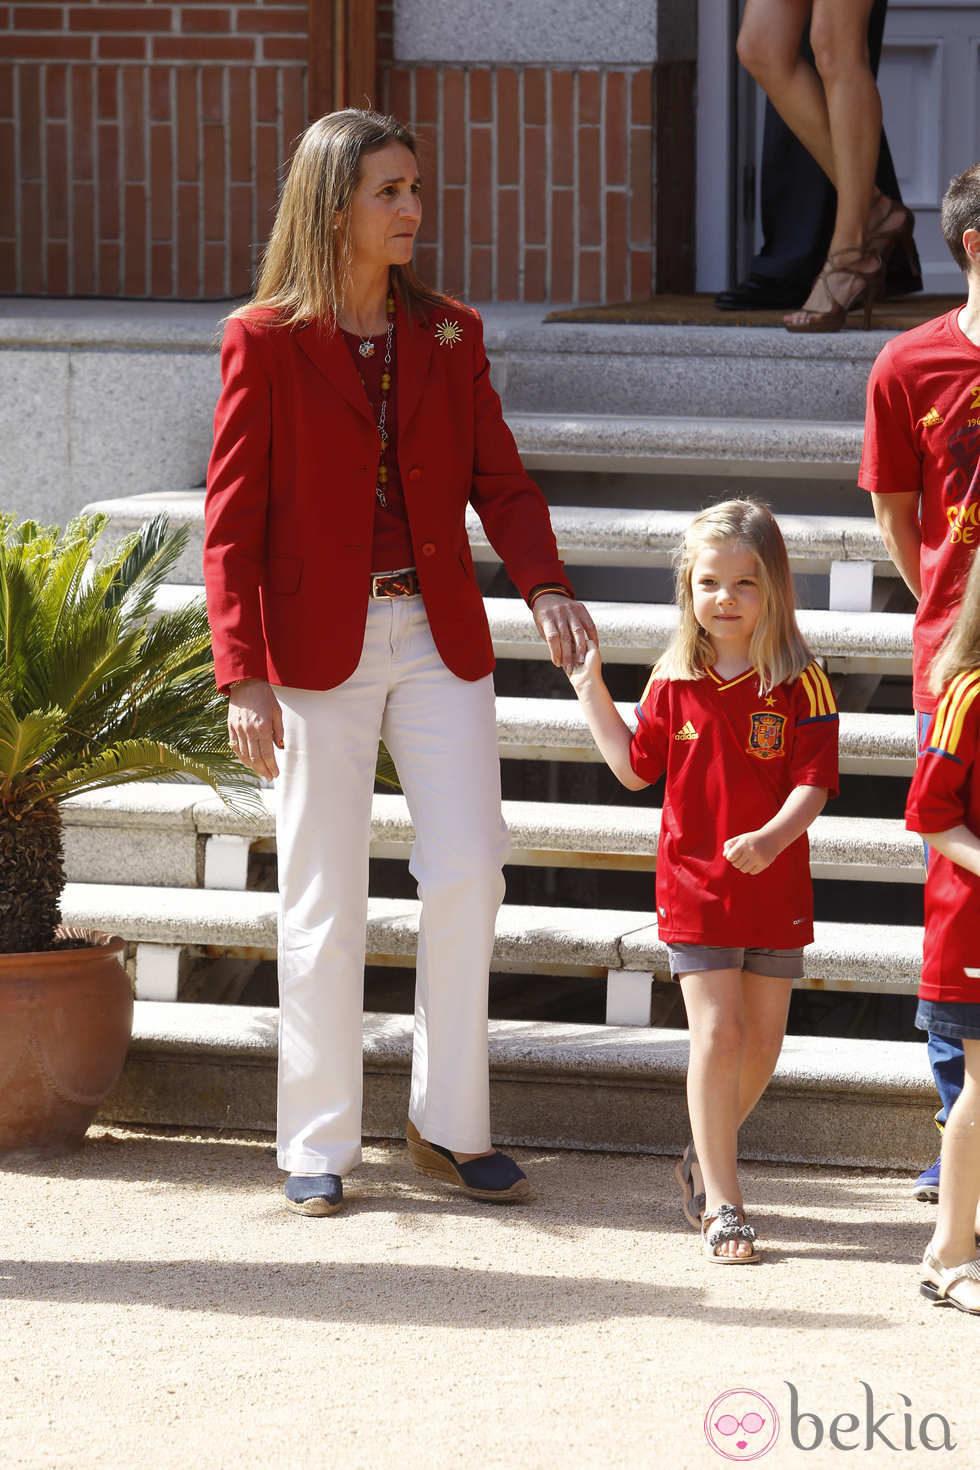 Recepción en Zarzuela a la Selección española 24264_infanta-elena-mano-infanta-sofia-recepcion-roja